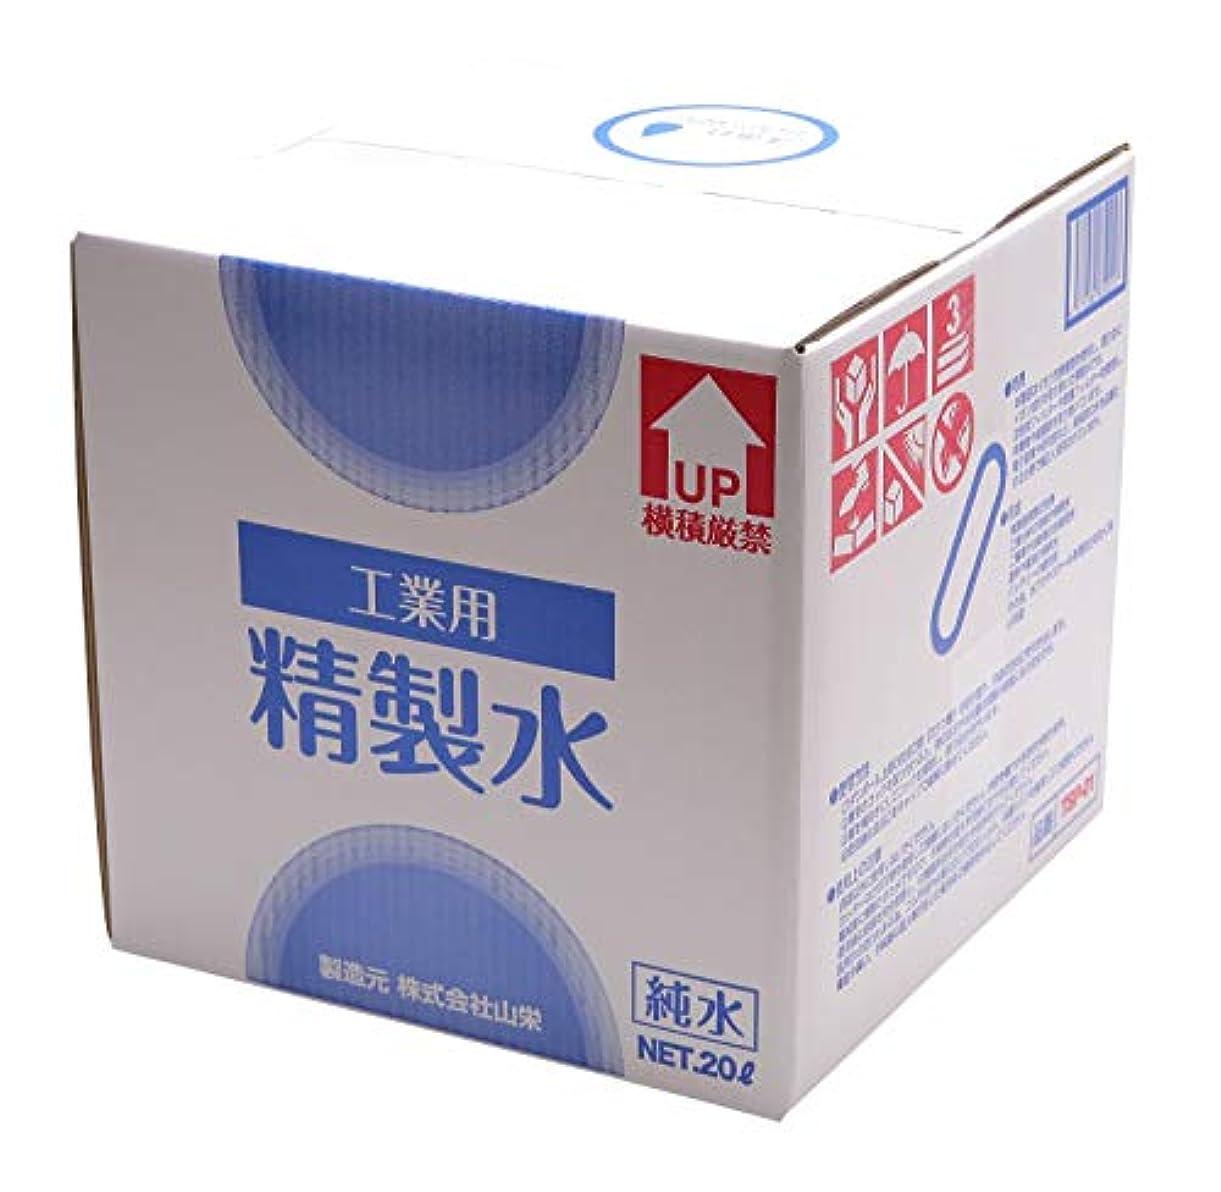 無関心ご覧ください相談するサンエイ化学 工業用精製水 純水 20L×1箱 コック付き 【スチーマー 加湿器 オートクレーブ エステ 美容 歯科】